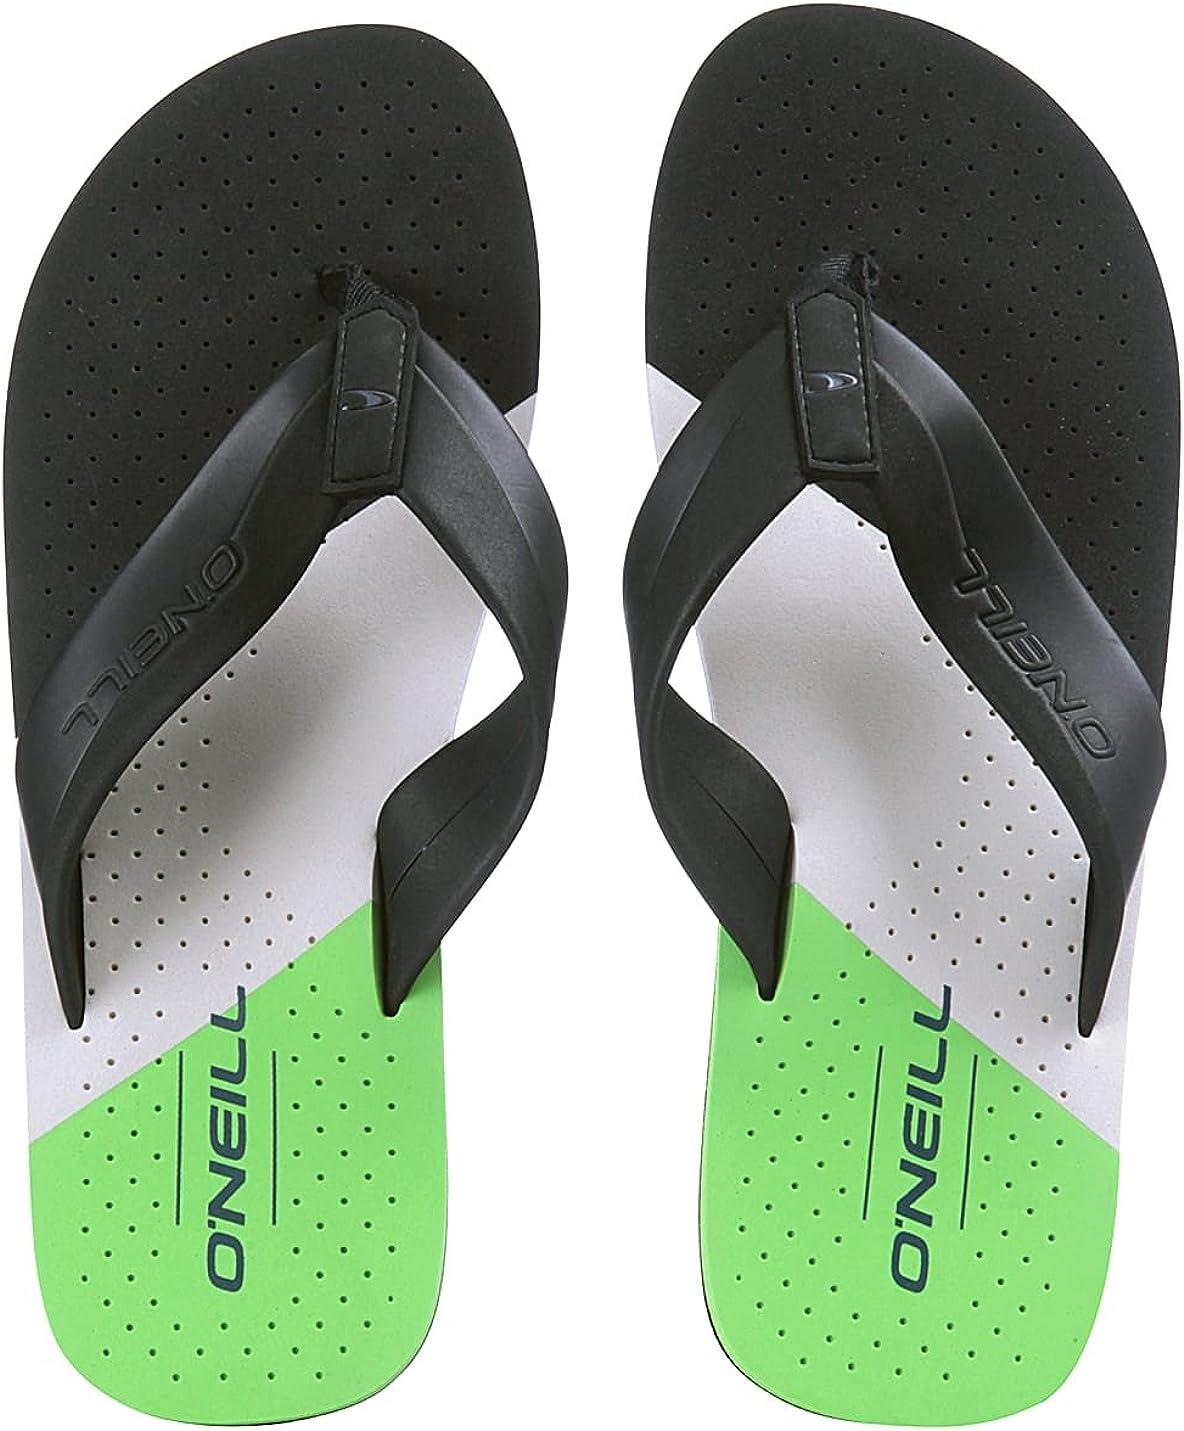 O'NEILL Men's Flip Flop Sandals